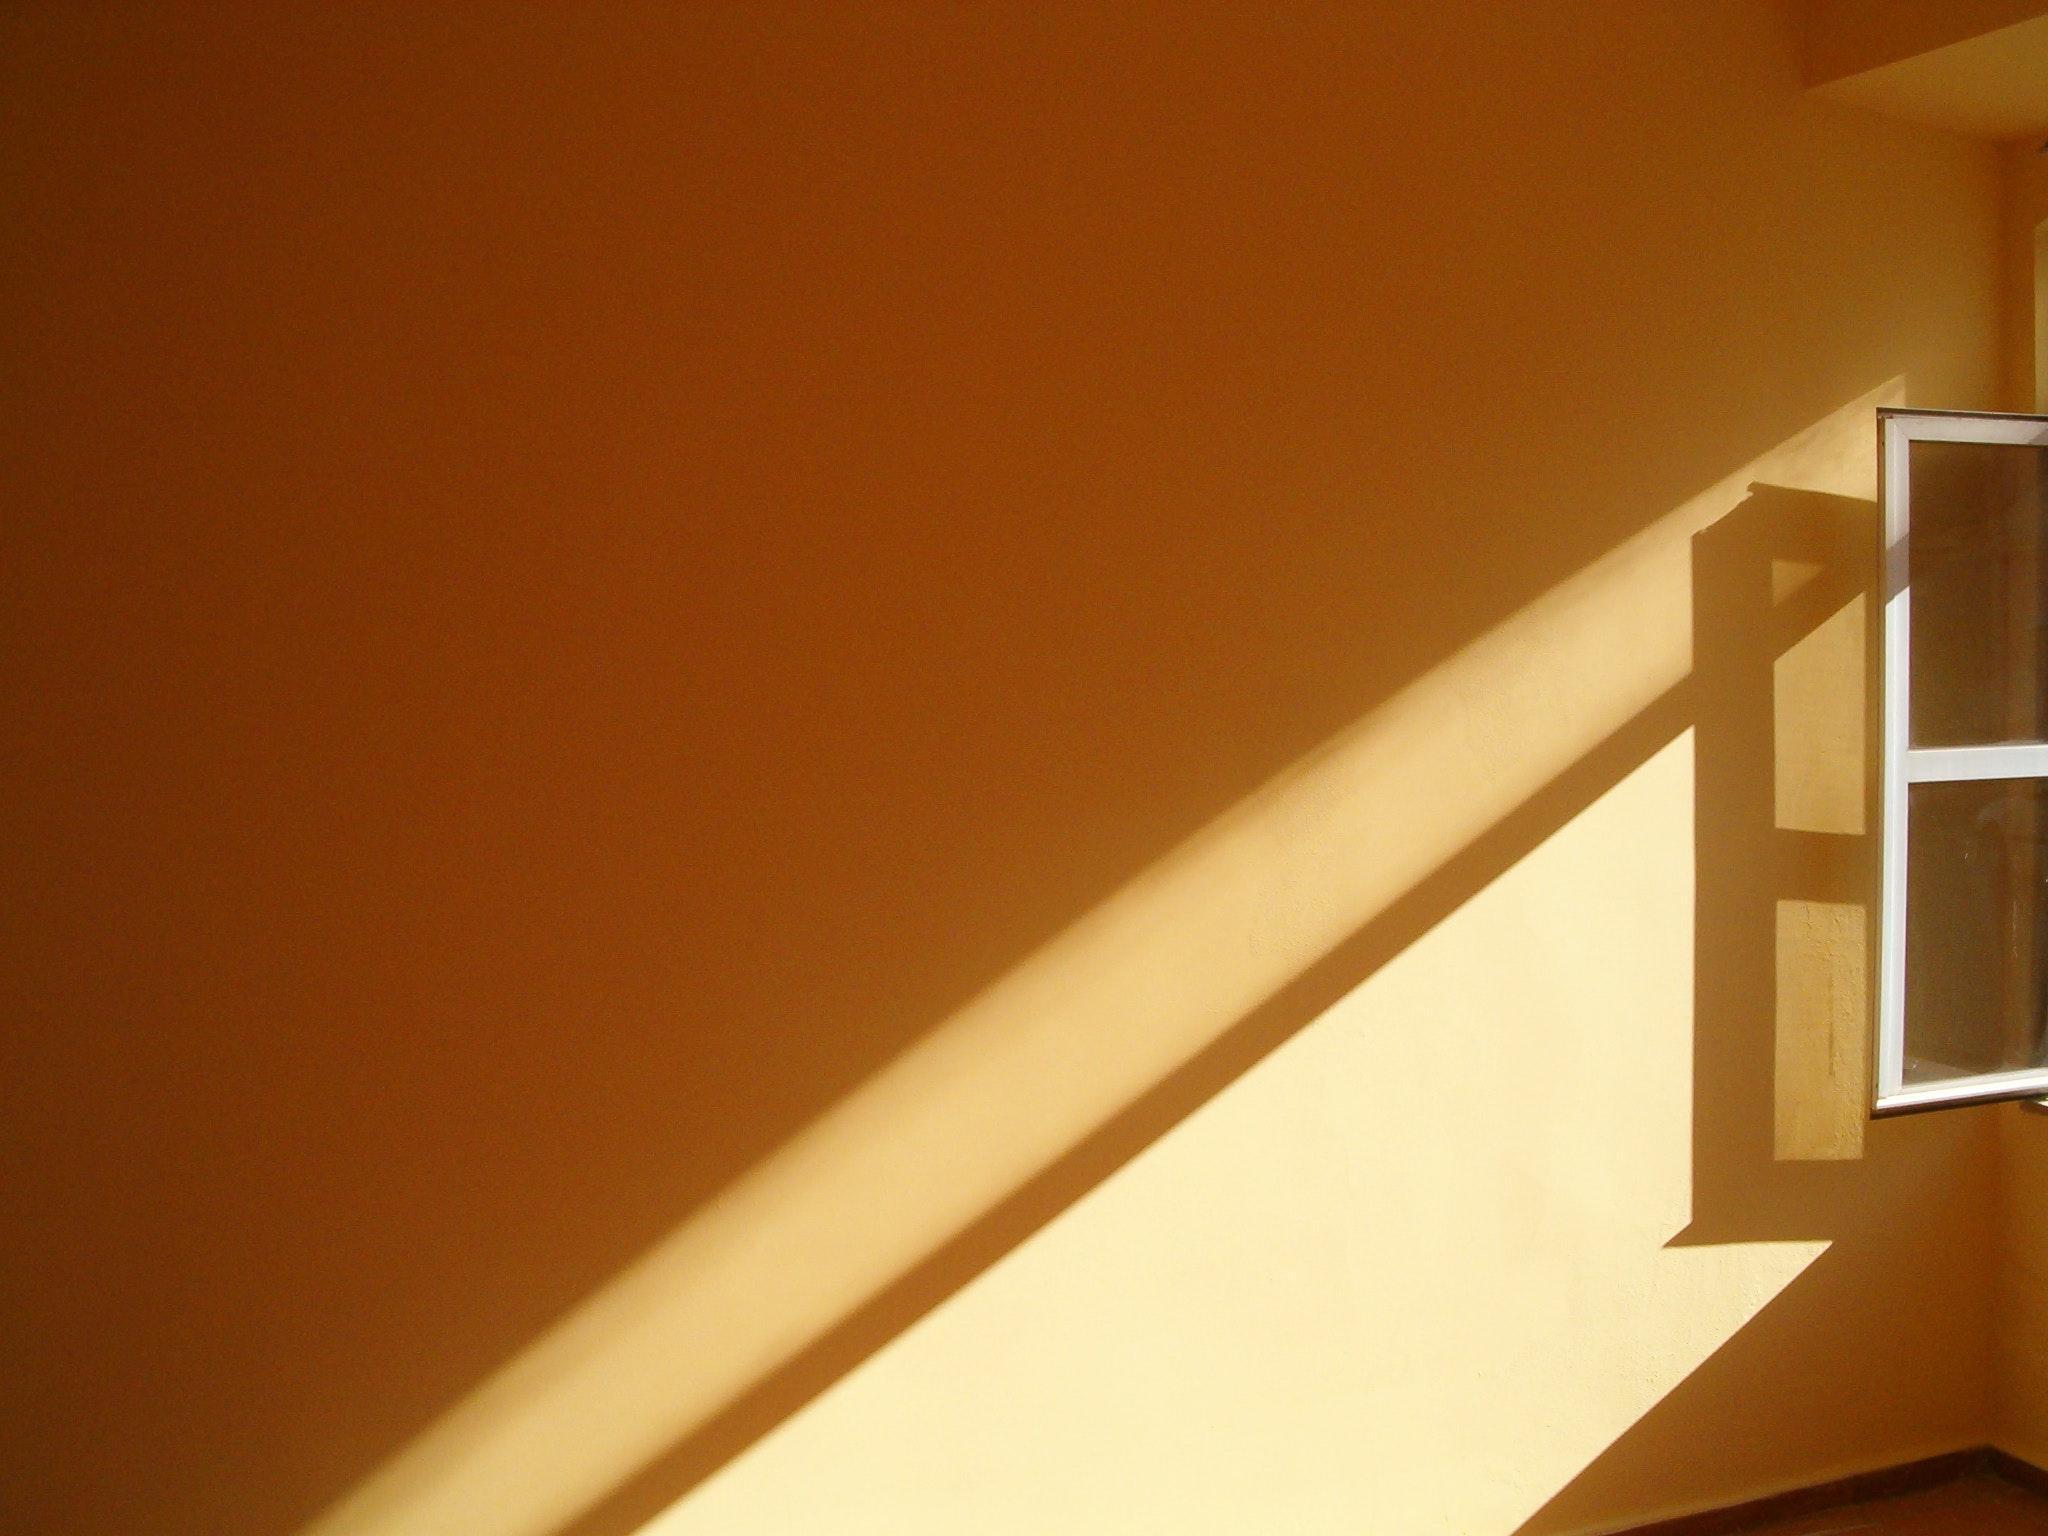 Ciepło a okna? Jakie okna kupić by zaoszczędzić na ogrzewaniu.txt